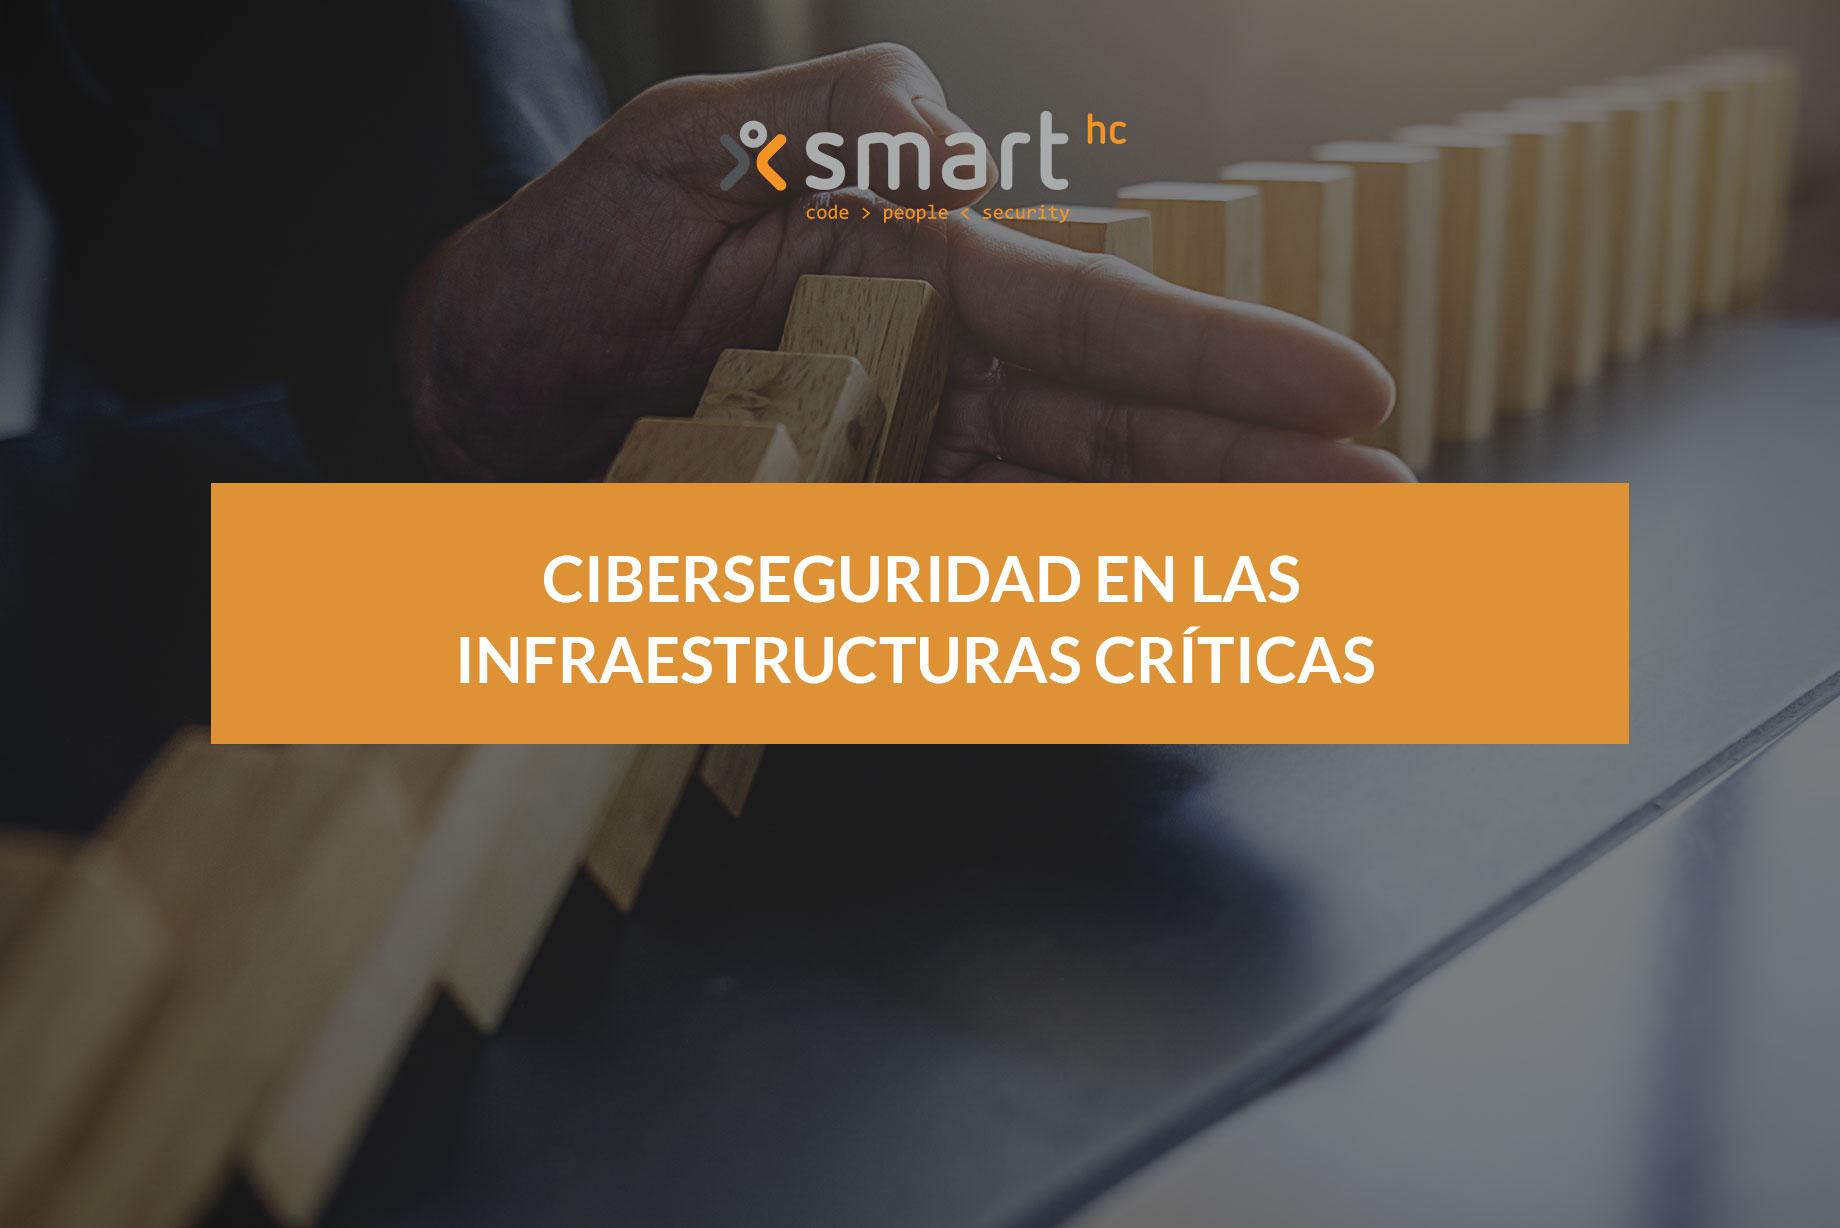 SHC_Hardening_Ciberseguridad